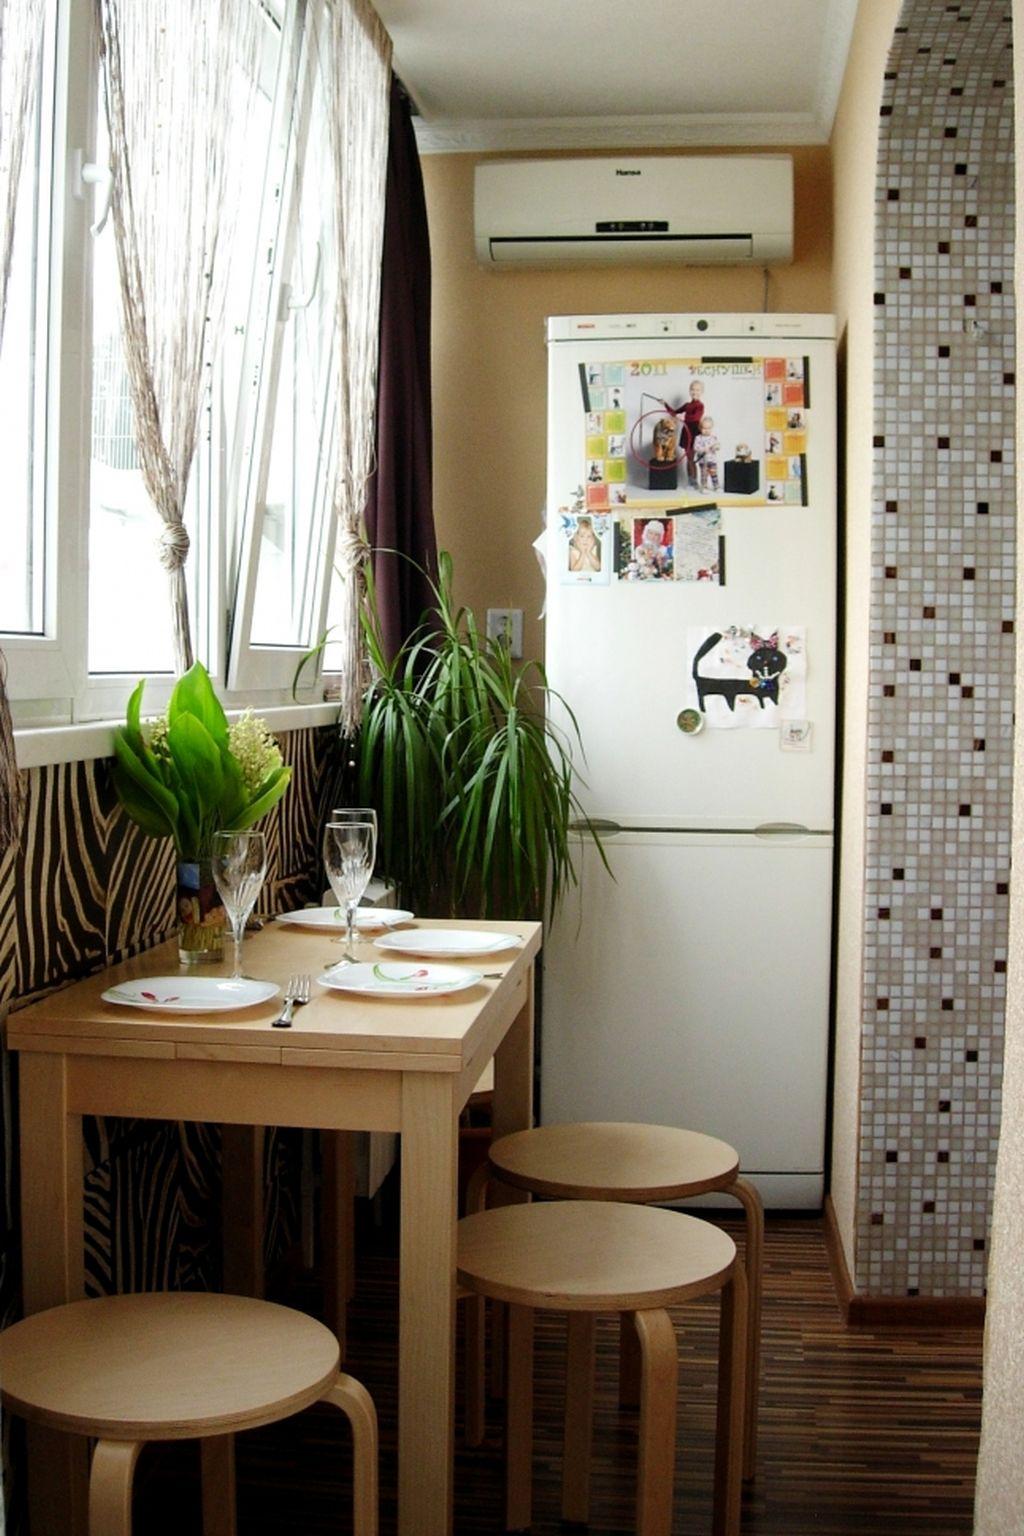 Спальня, детская, кабинет или кухня на лоджии.